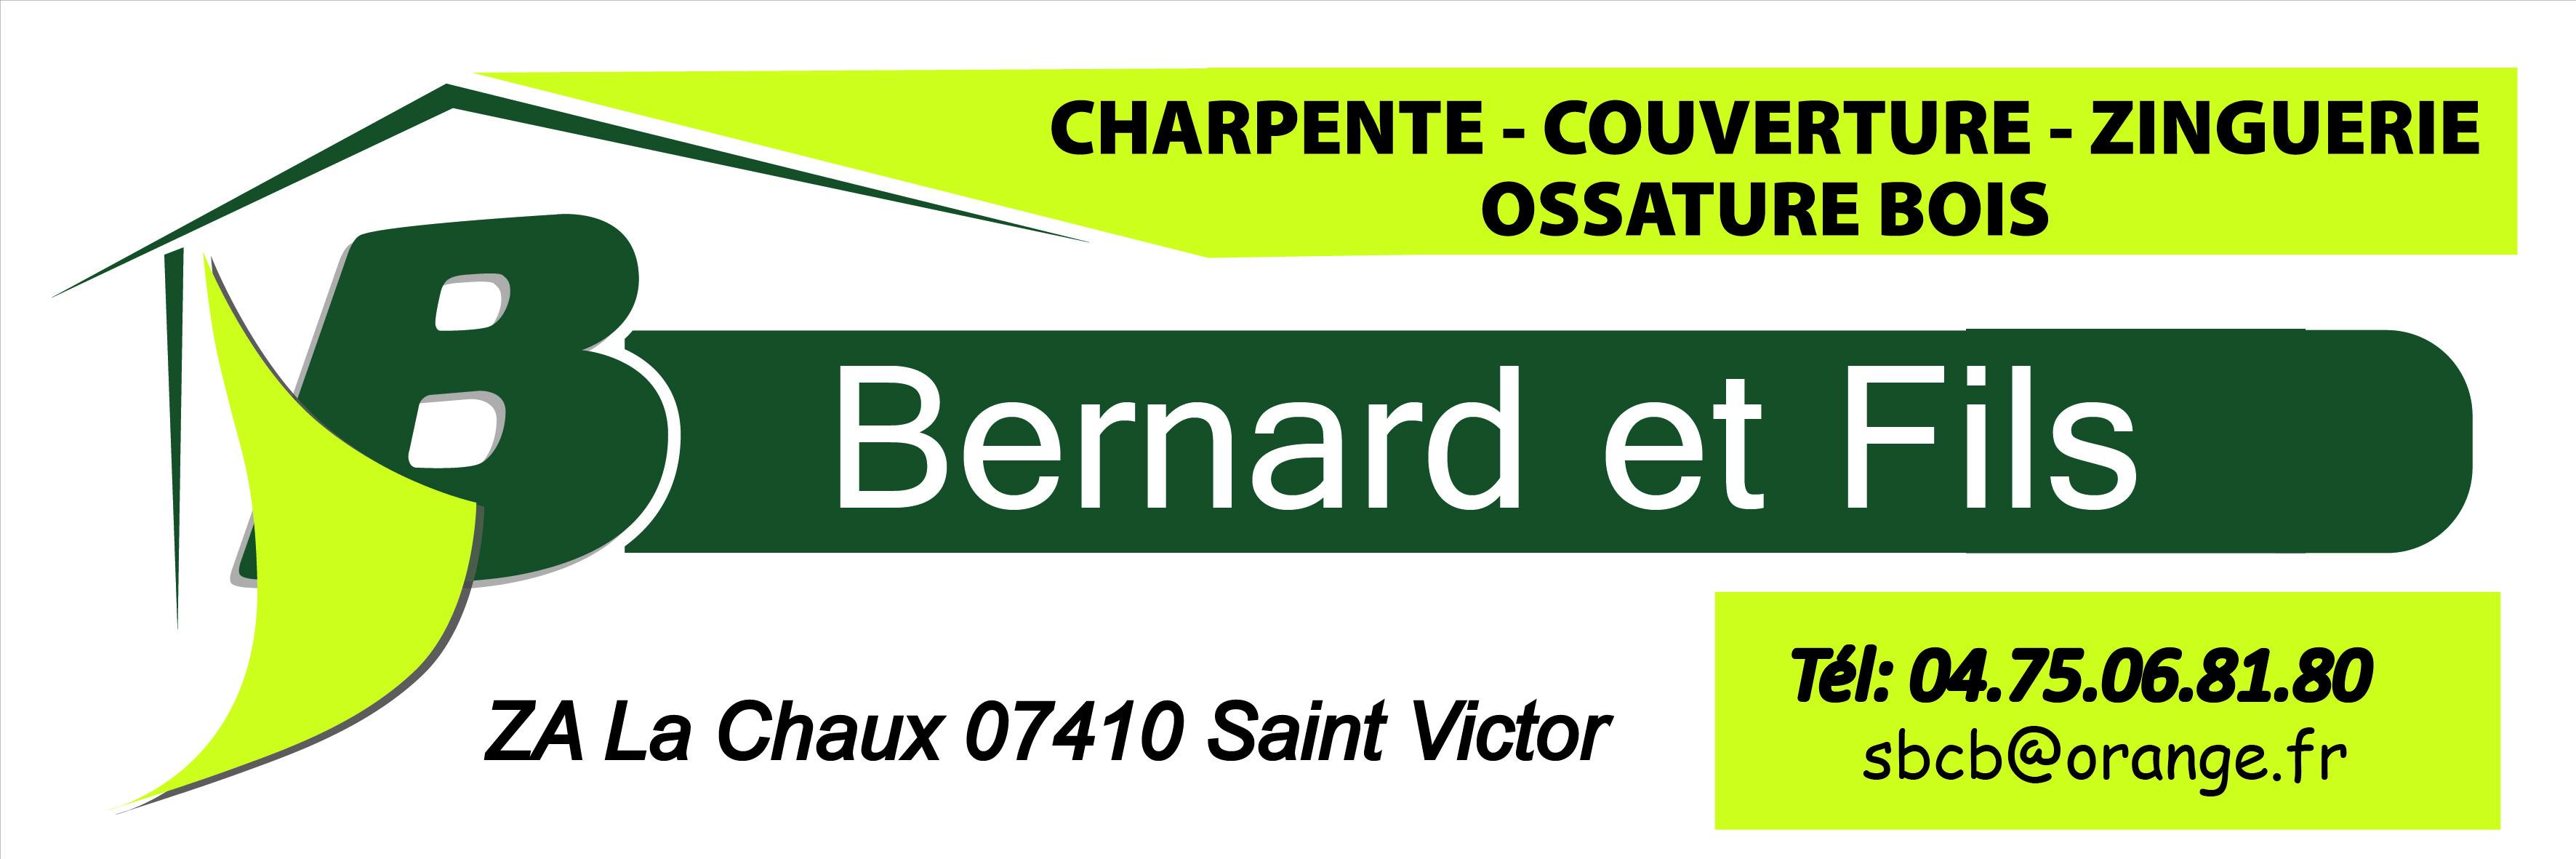 Tradi Charpente concernant groupe bernard - nos agences